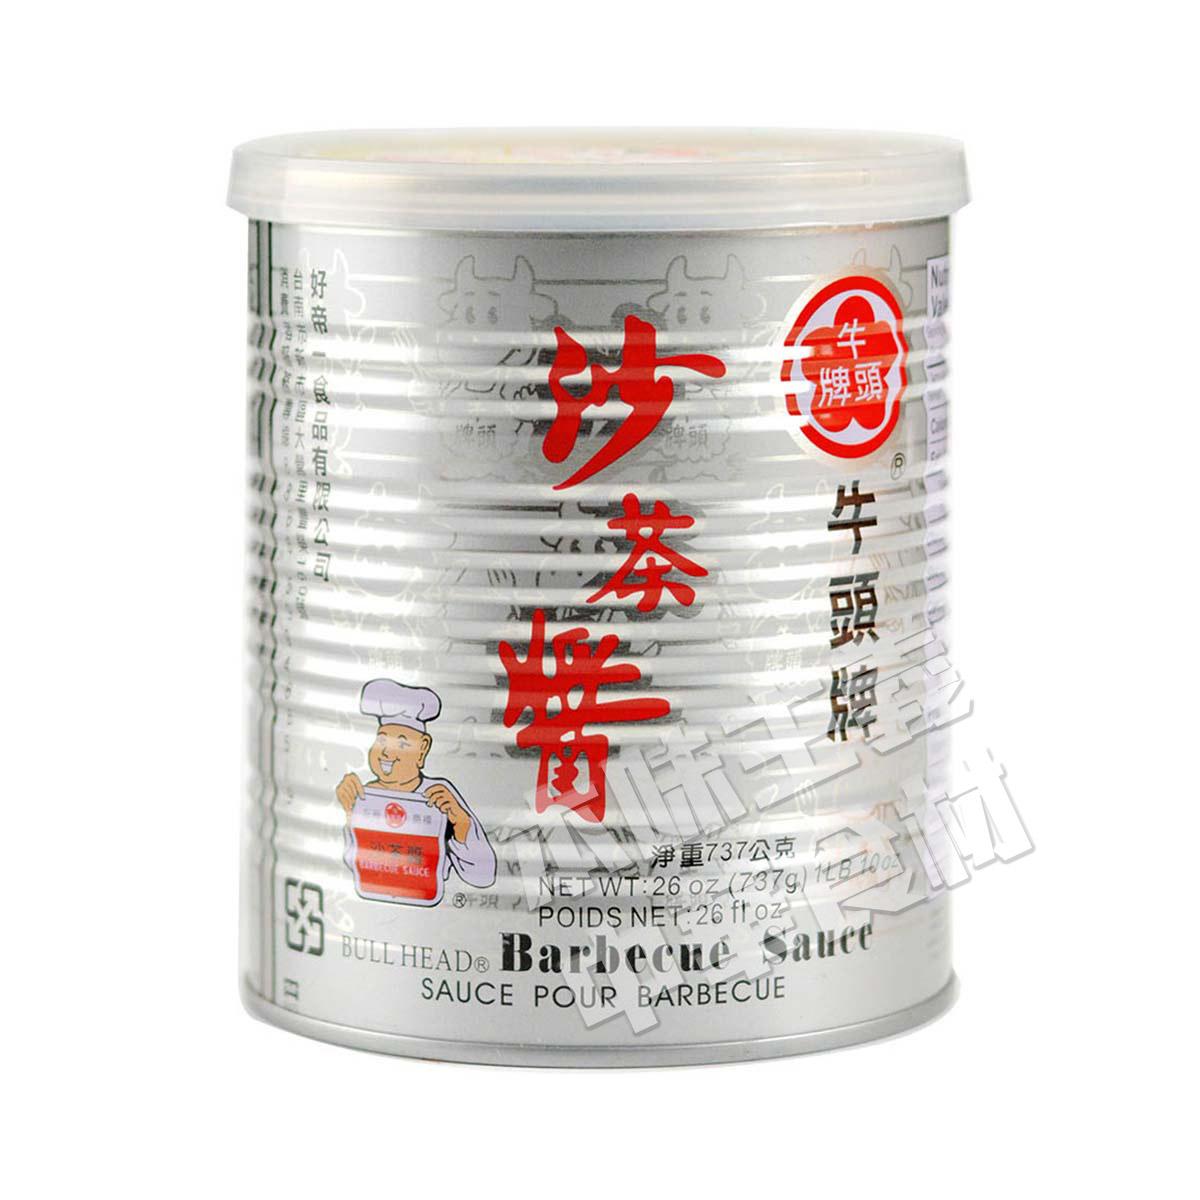 牛頭牌沙茶醤 サーチャージャン 超定番 スーパーセール期間限定 中華料理人気商品 中華食材調味料 台湾名物